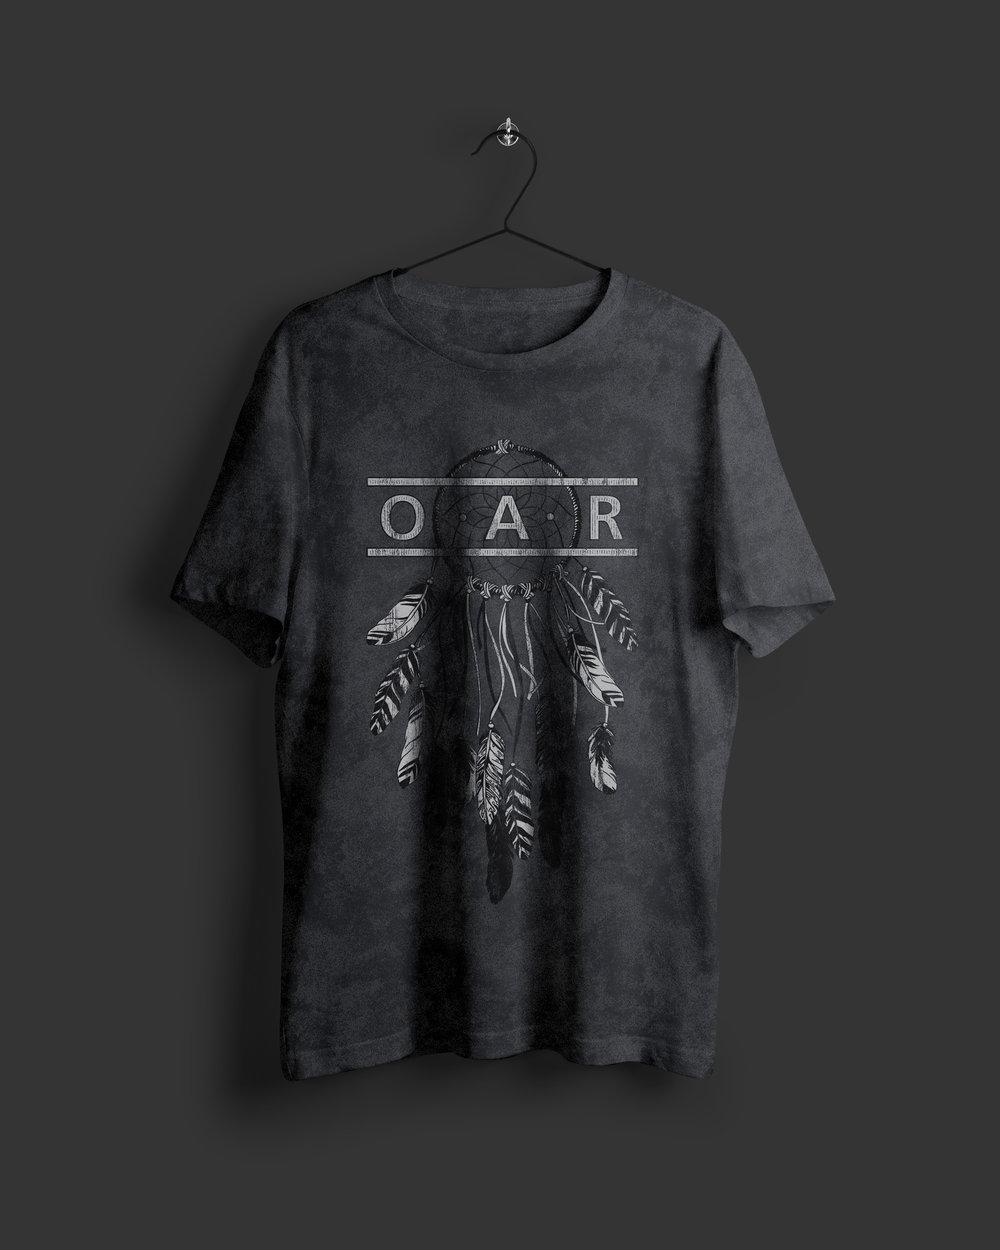 oar-dreamcatcher-flat.jpg